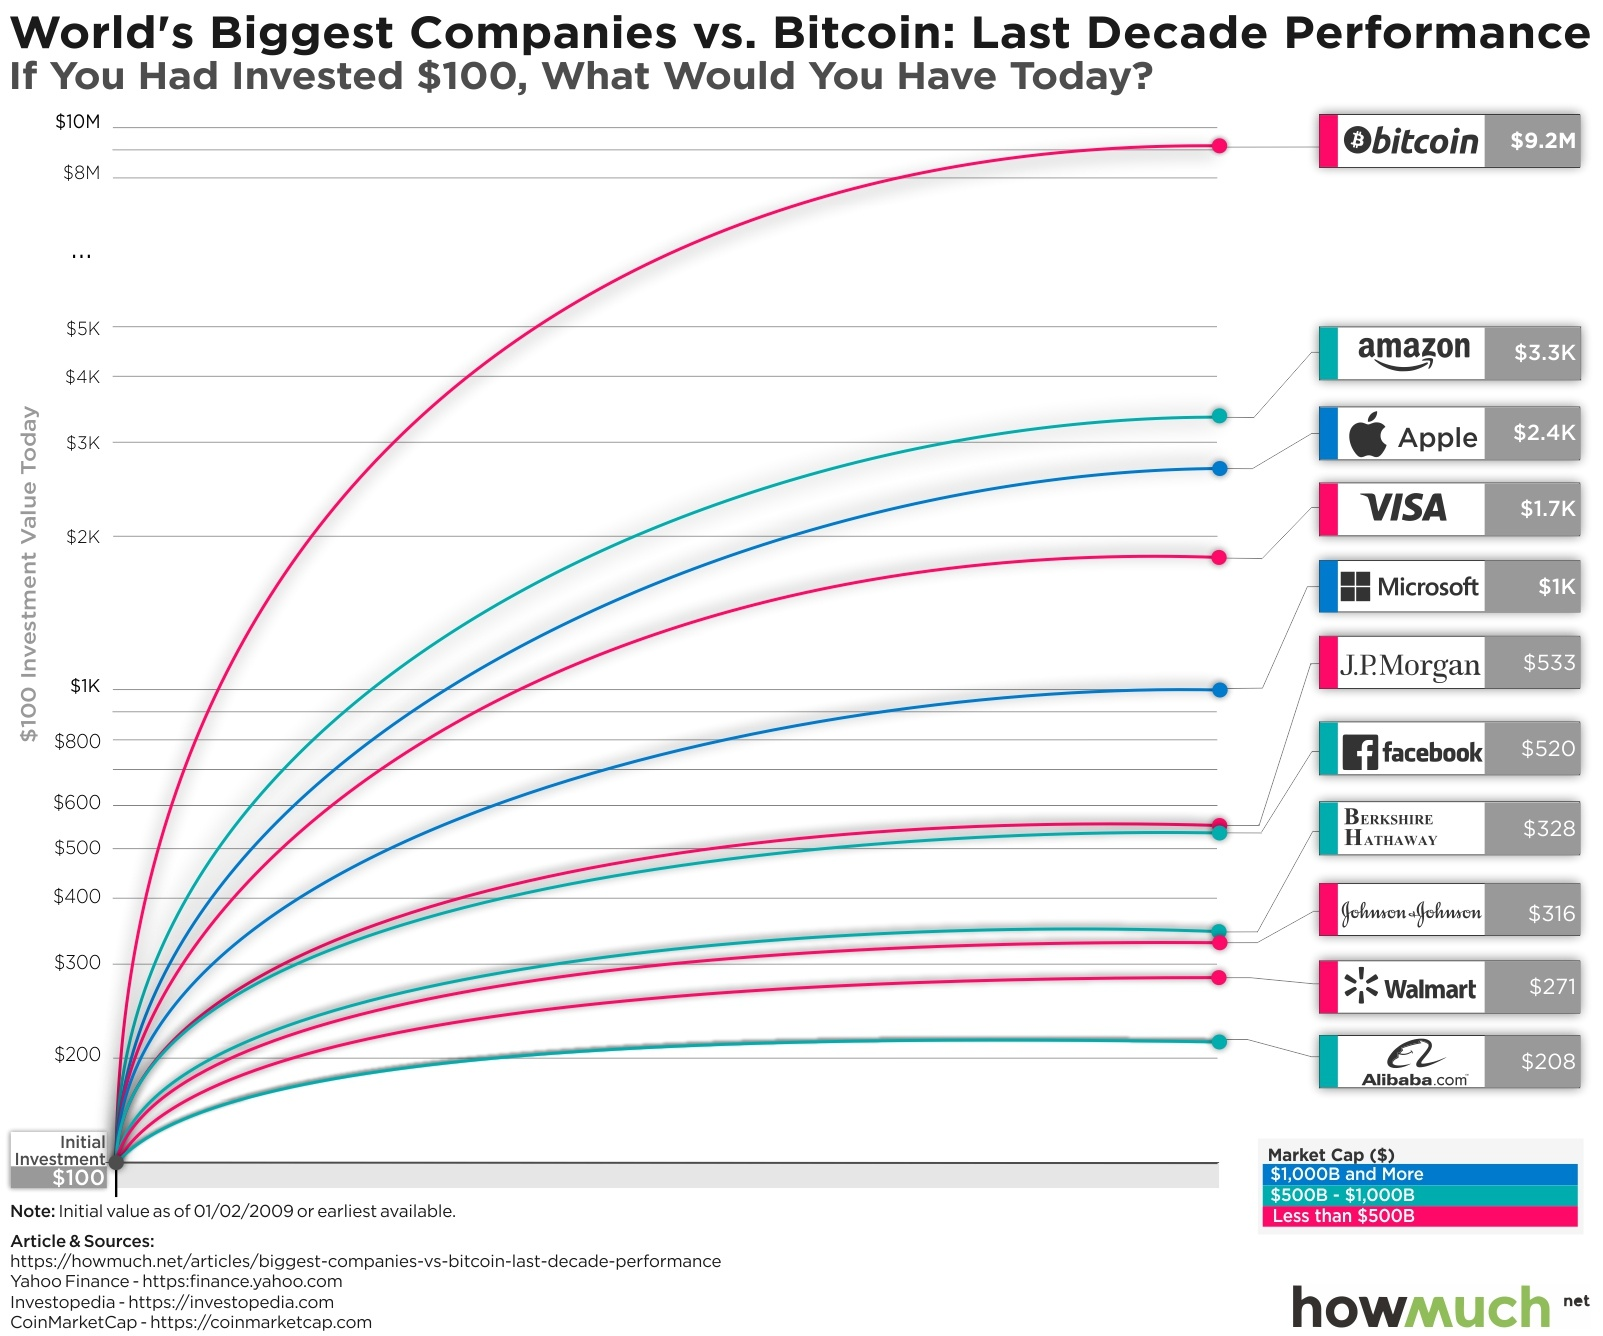 Oro vs Bitcoin: qual è l'opzione più interessante e con le migliori prospettive d'investimento?